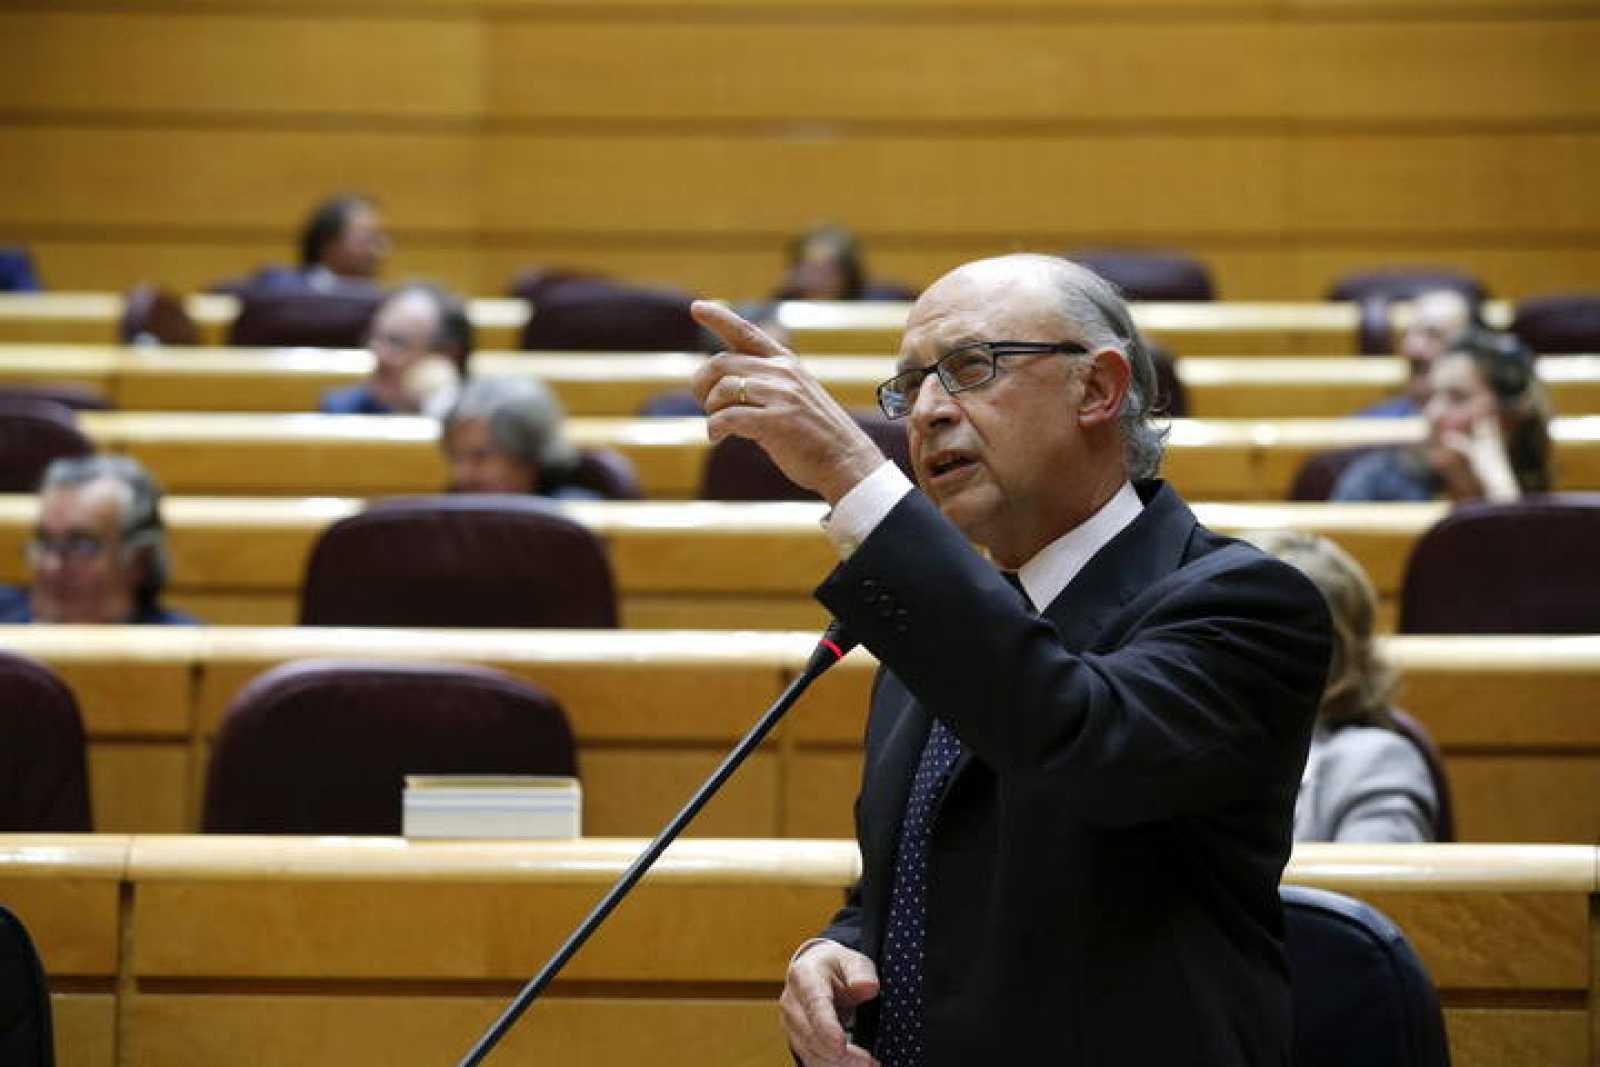 El ministro Hacienda y Administraciones Públicas, Cristóbal Montoro